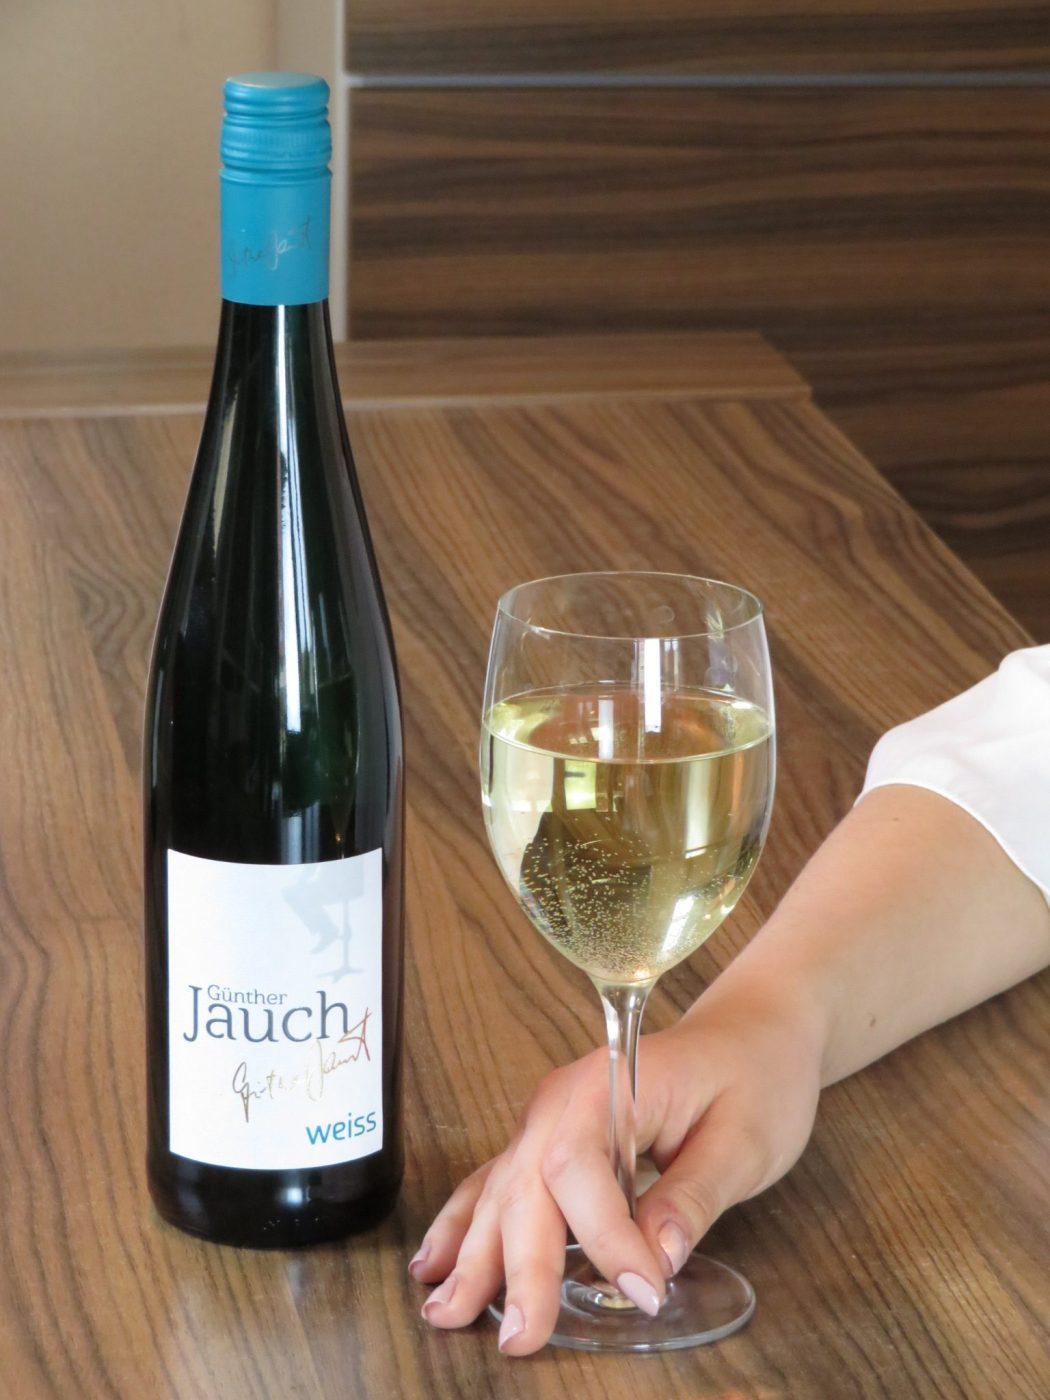 Günther-Jauch-Wein von AldiGünther-Jauch-Wein von AldiGünther-Jauch-Wein von Aldi